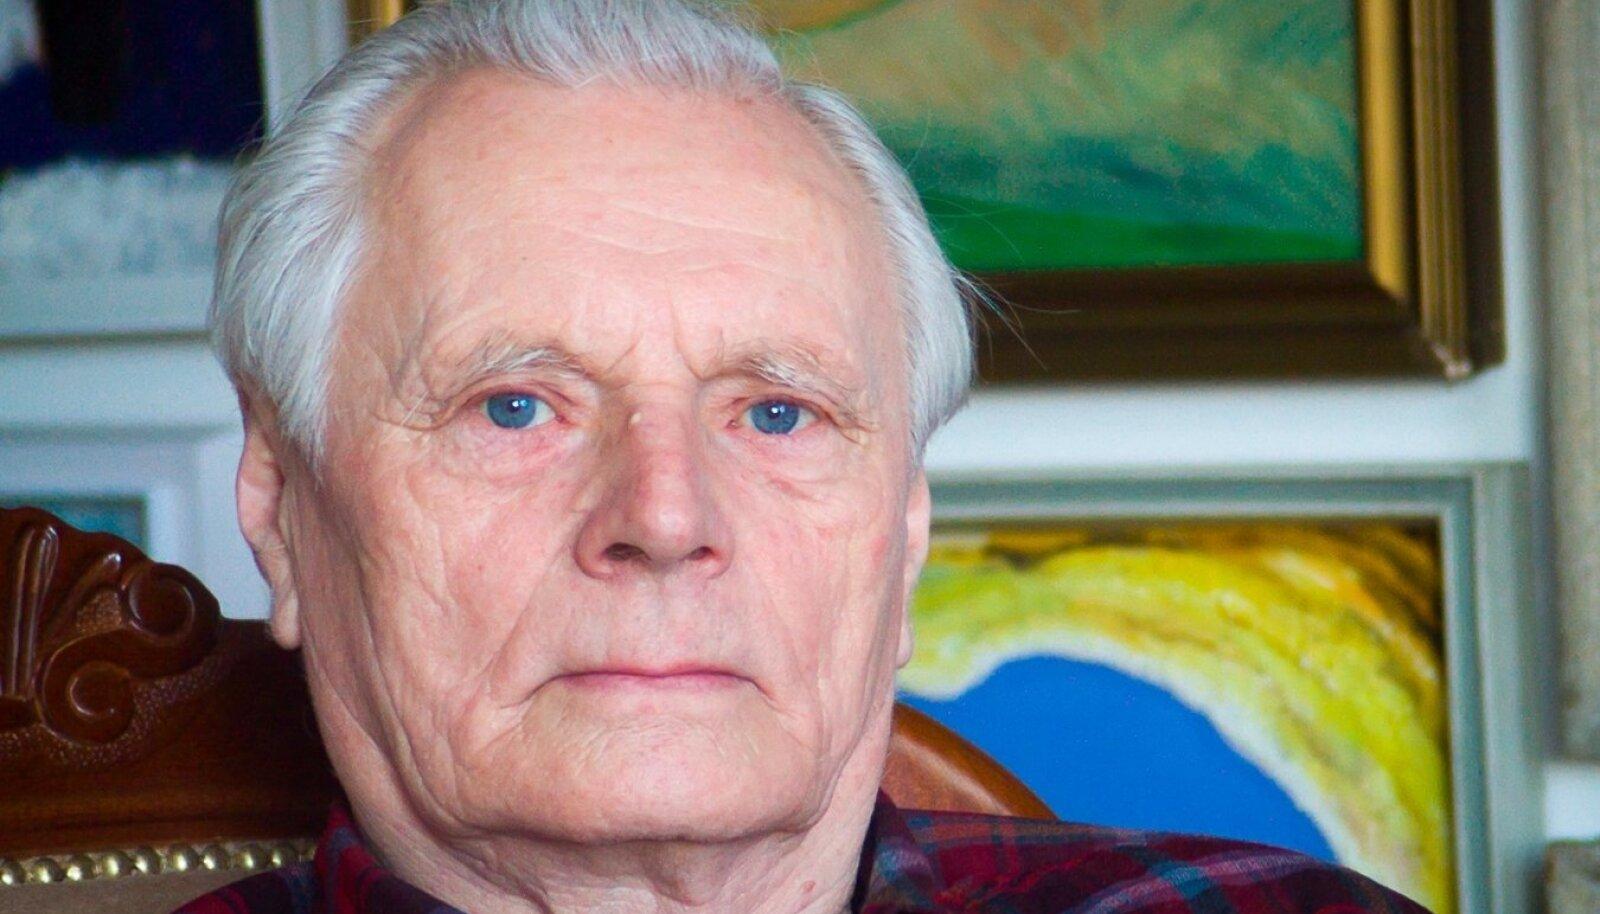 Võimlemispedagoog ja spordiajaloolane Aksel Tiik pani oma süstemaatilise ja tasakaaluka tööga aluse praegusele Eesti Spordi- ja Olümpiamuuseumile.